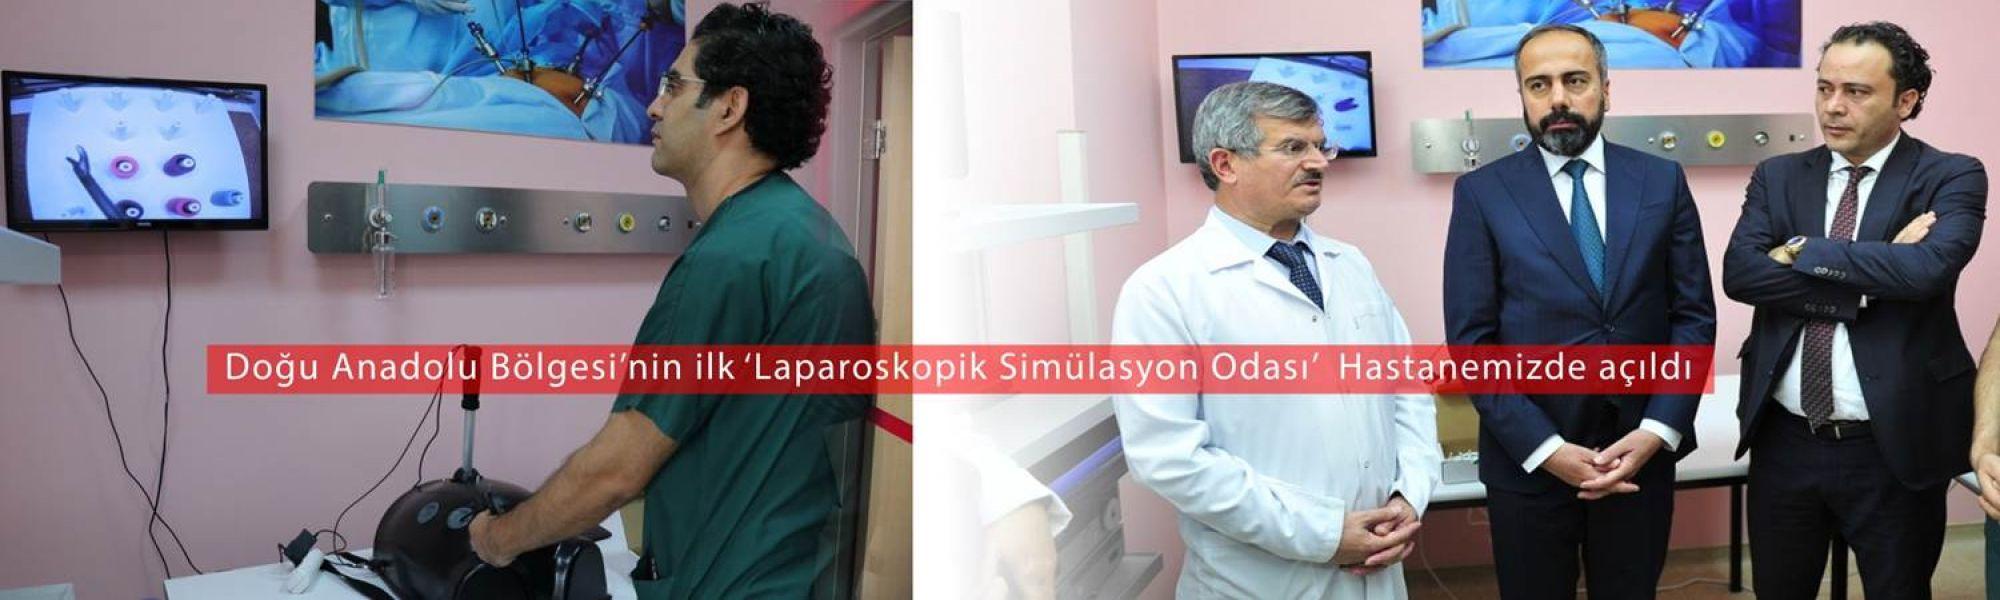 Doğu Anadolu Bölgesi'nin ilk 'Laparoskopik Simülasyon Odası' Hastanemizde Açıldı.